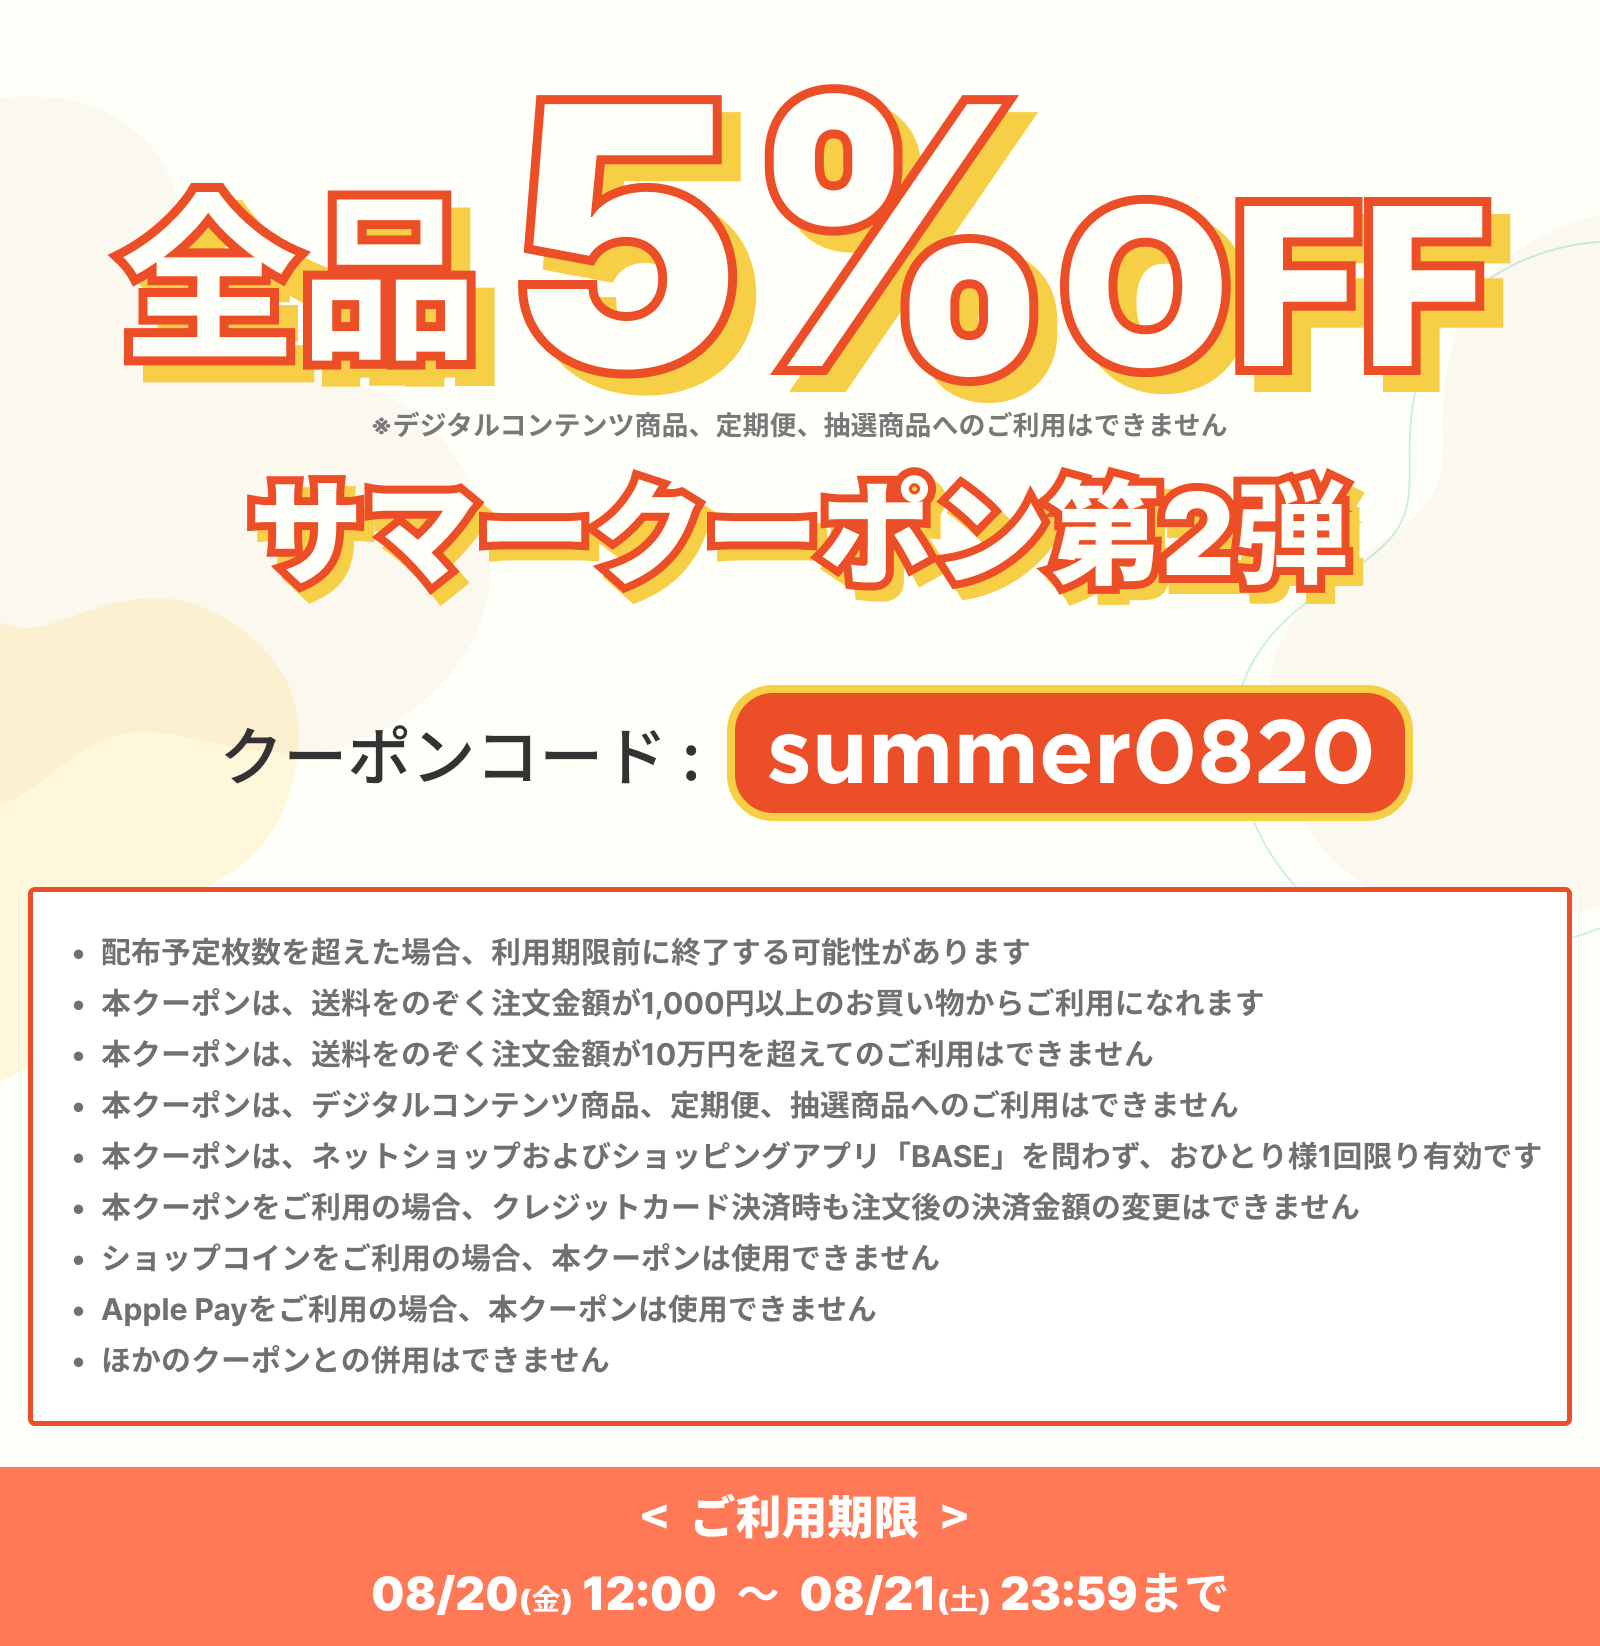 8/20(金)〜 8/21(土)限定、5% OFFクーポン配布のお知らせ